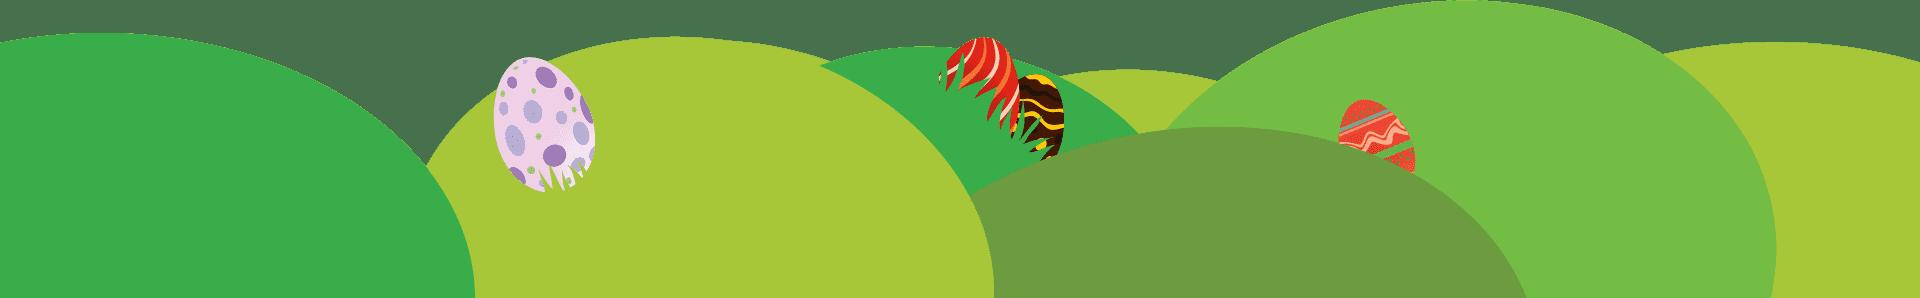 Eggstreme Easter Hills